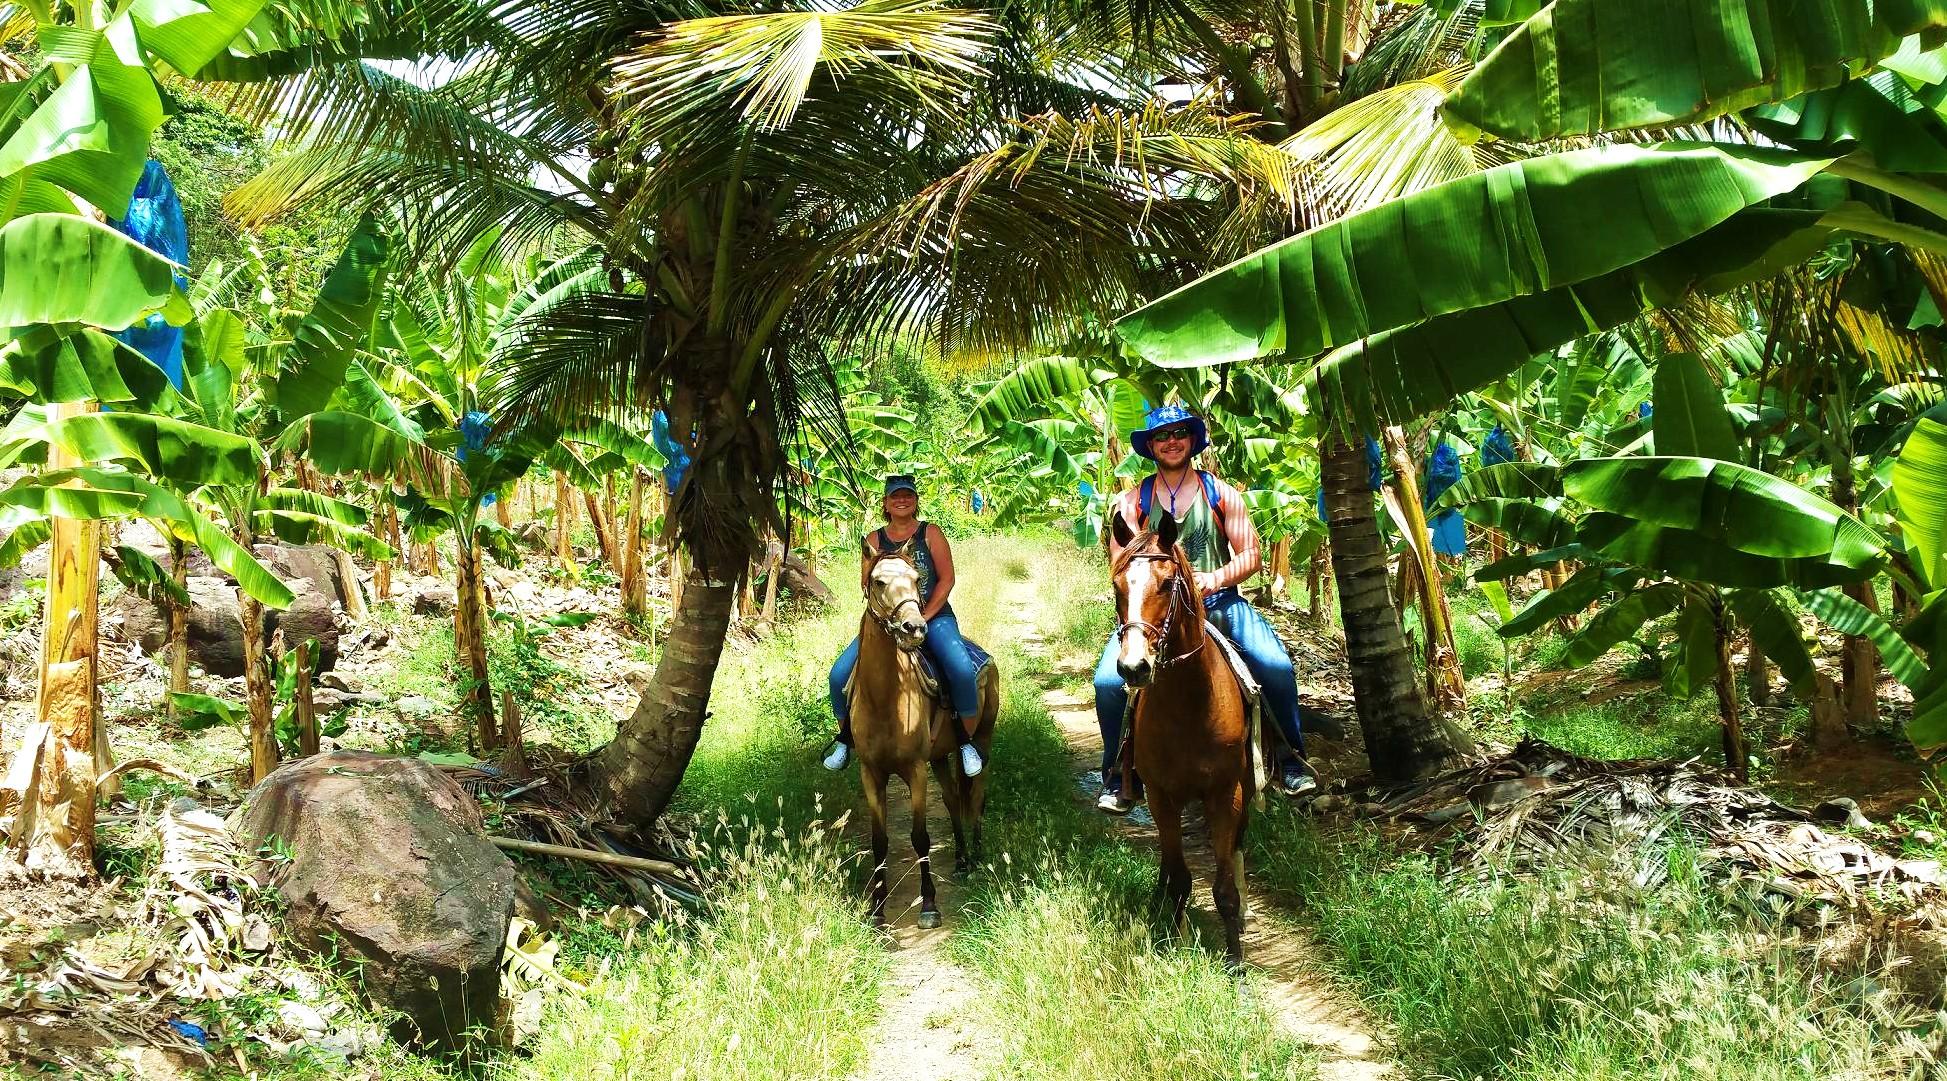 Horse Ride Through Banana Estate In Saint Lucia